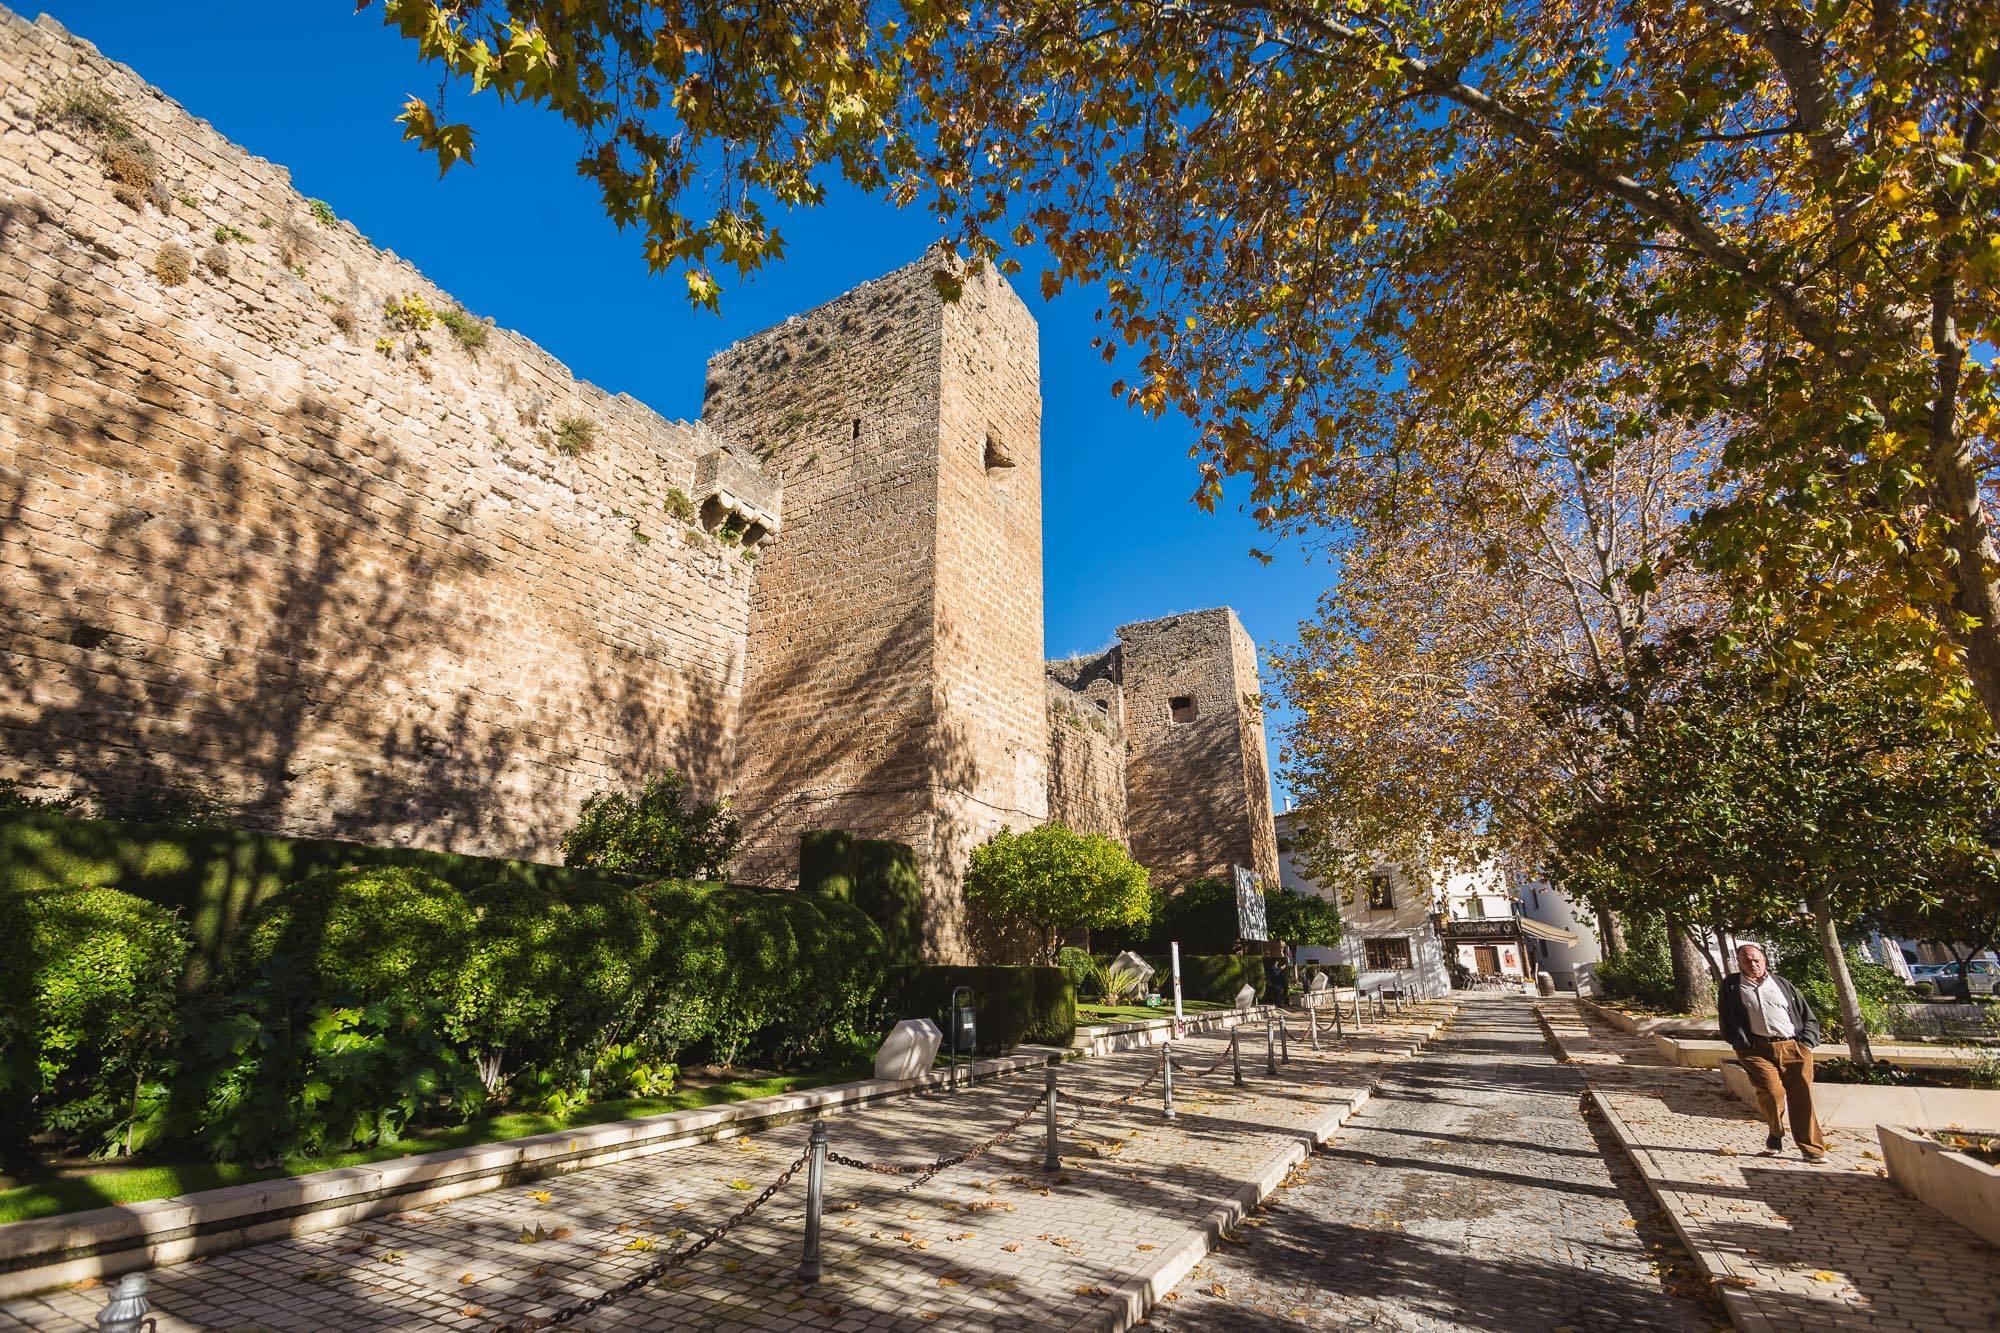 El castillo de la localidad es historia viva de las diferentes culturas que han pasado por la península.